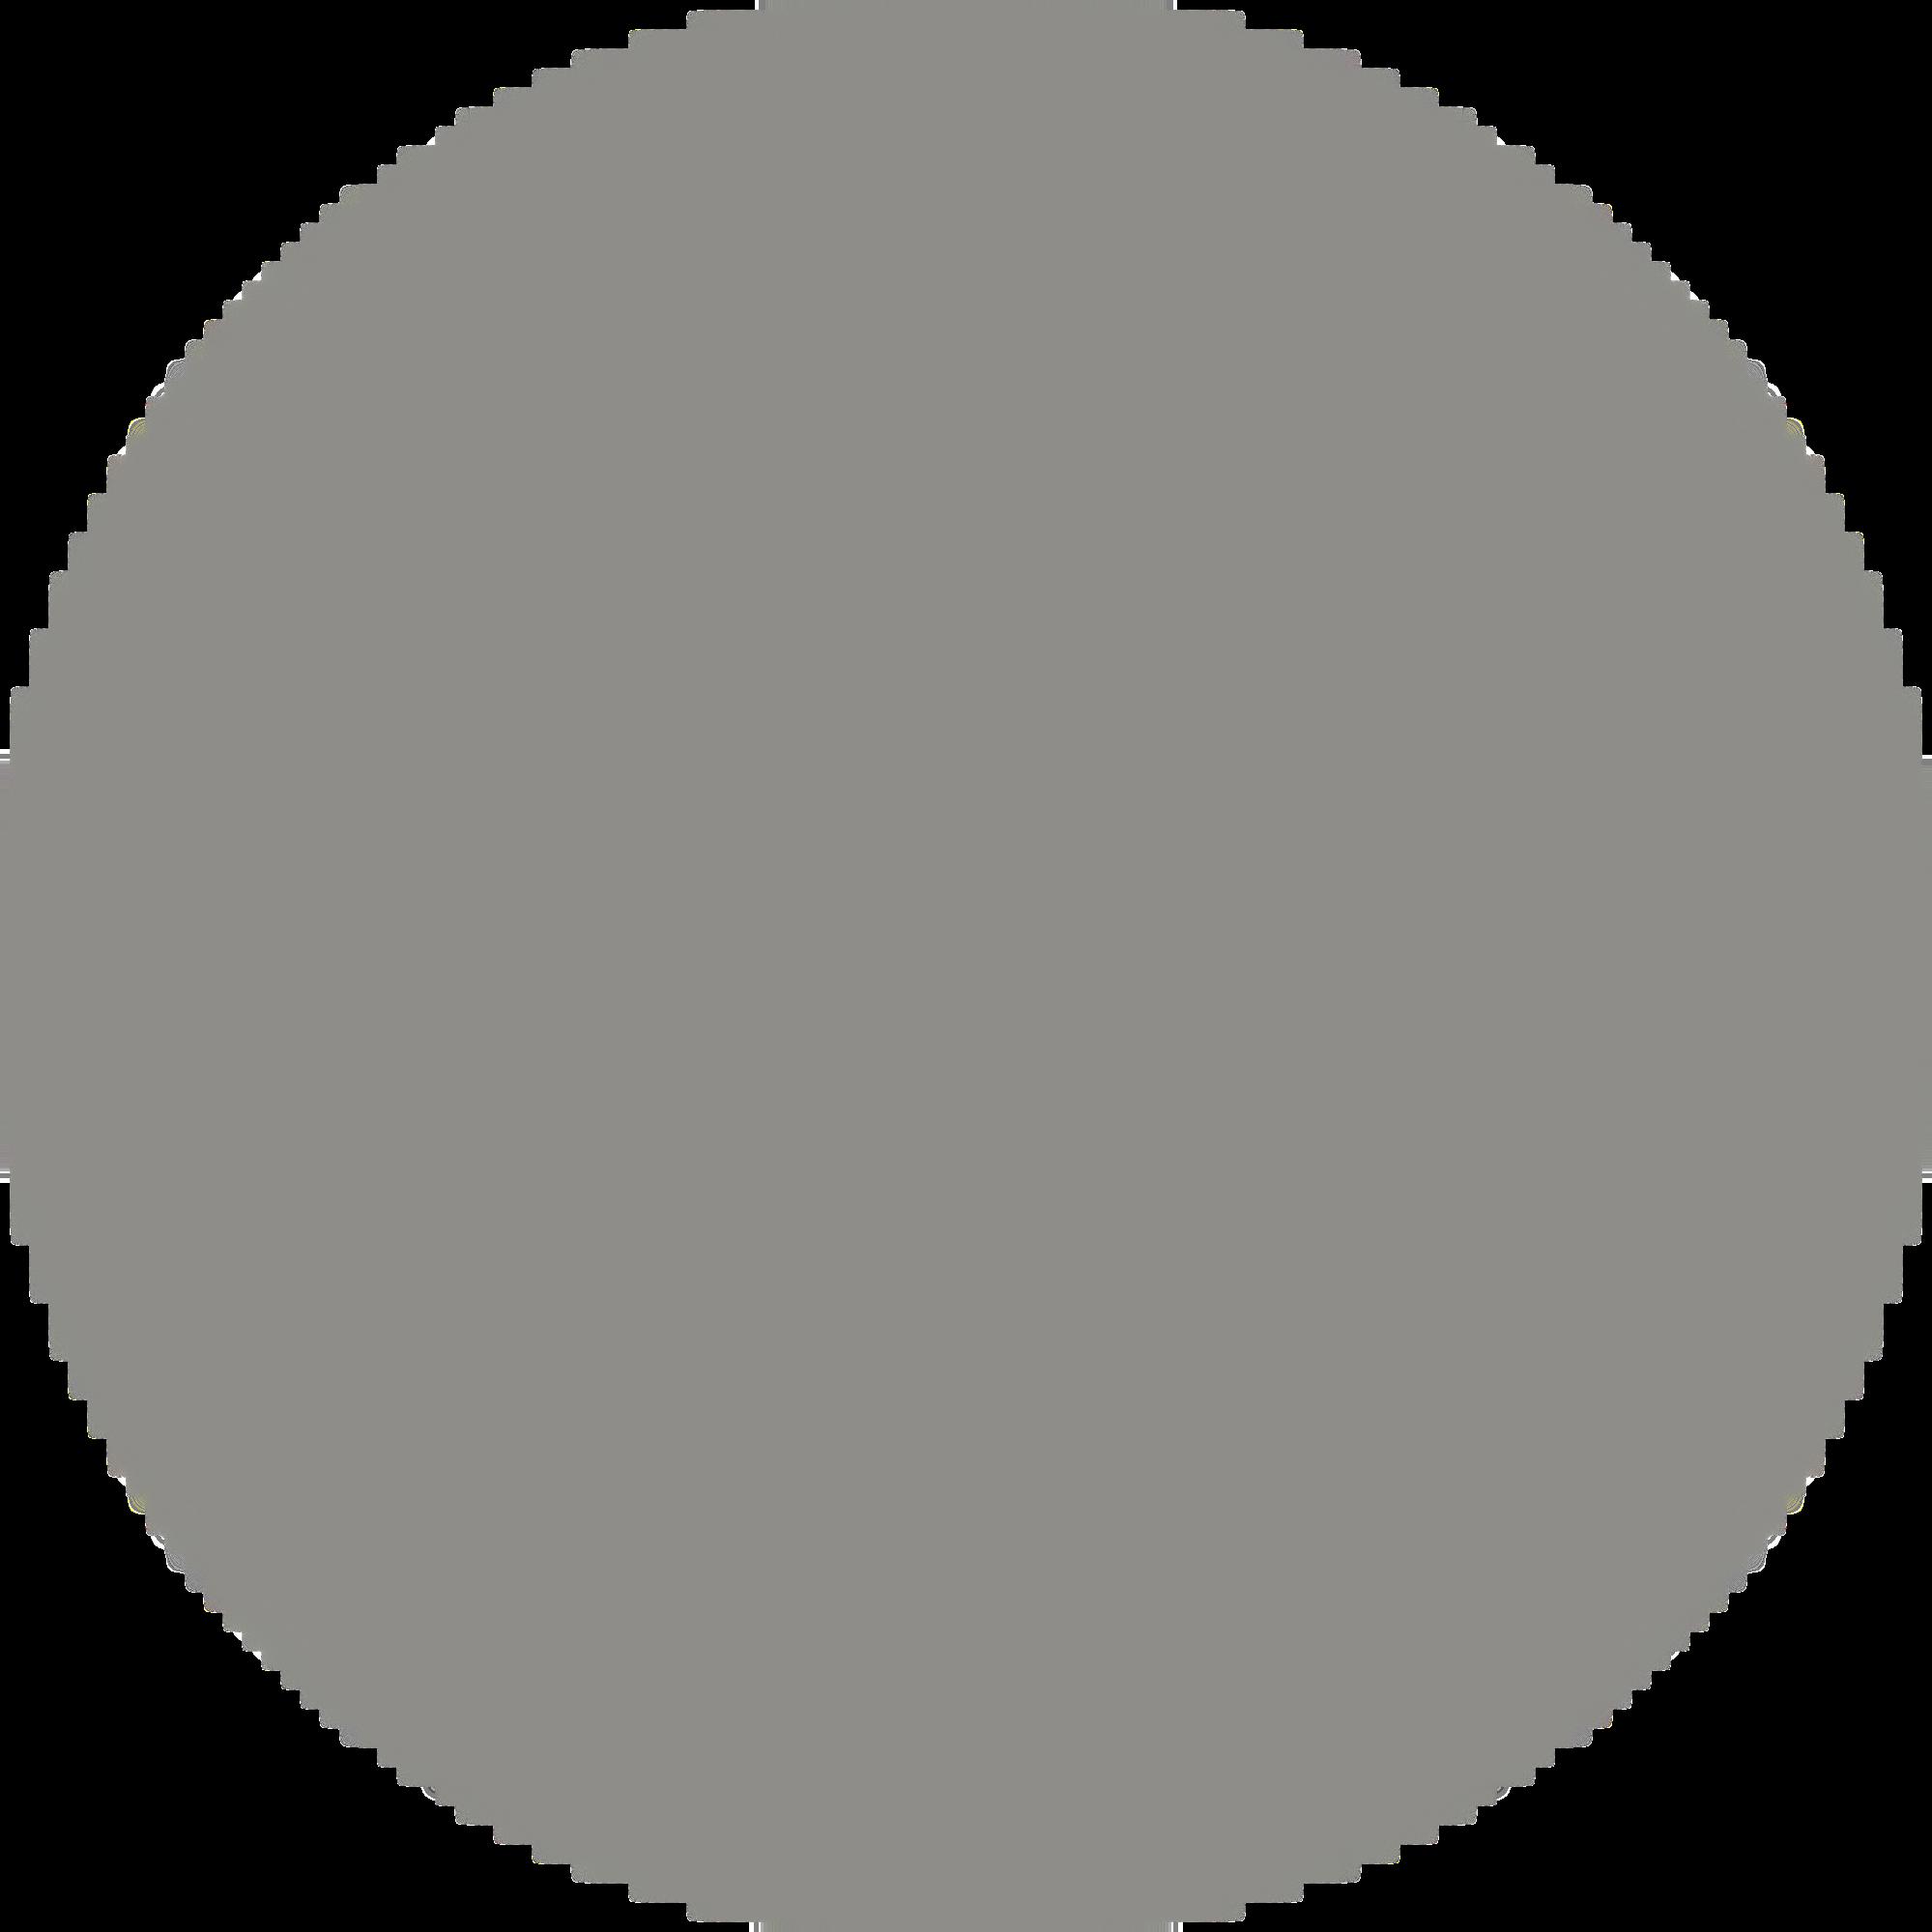 프로젝트프로덕트 - klassik type A C02